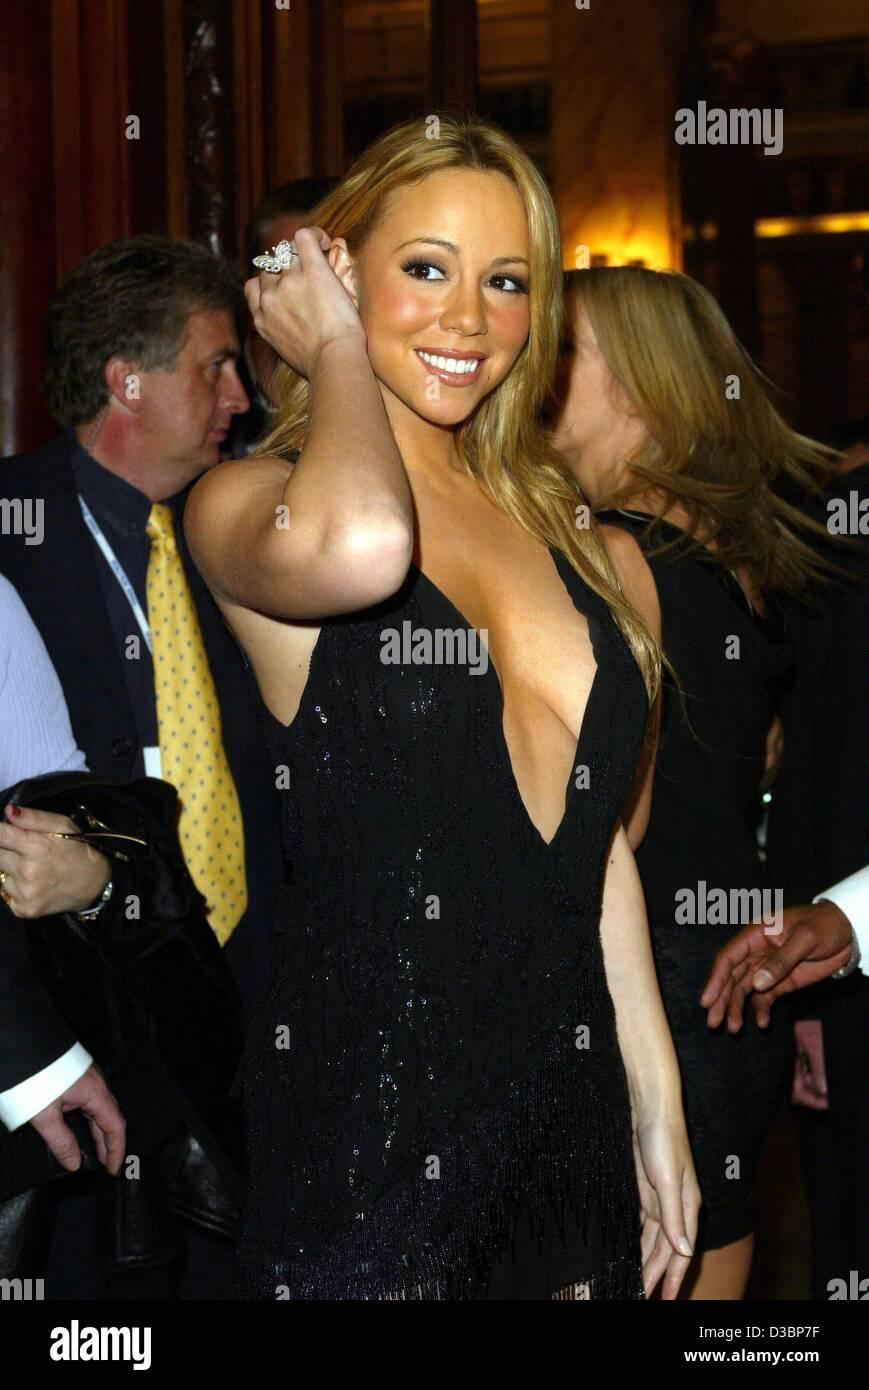 (Dpa) - US pop-Sängerin Mariah Carey an der cocktail-Party am Vorabend der World Music Awards Show in Monte Stockbild